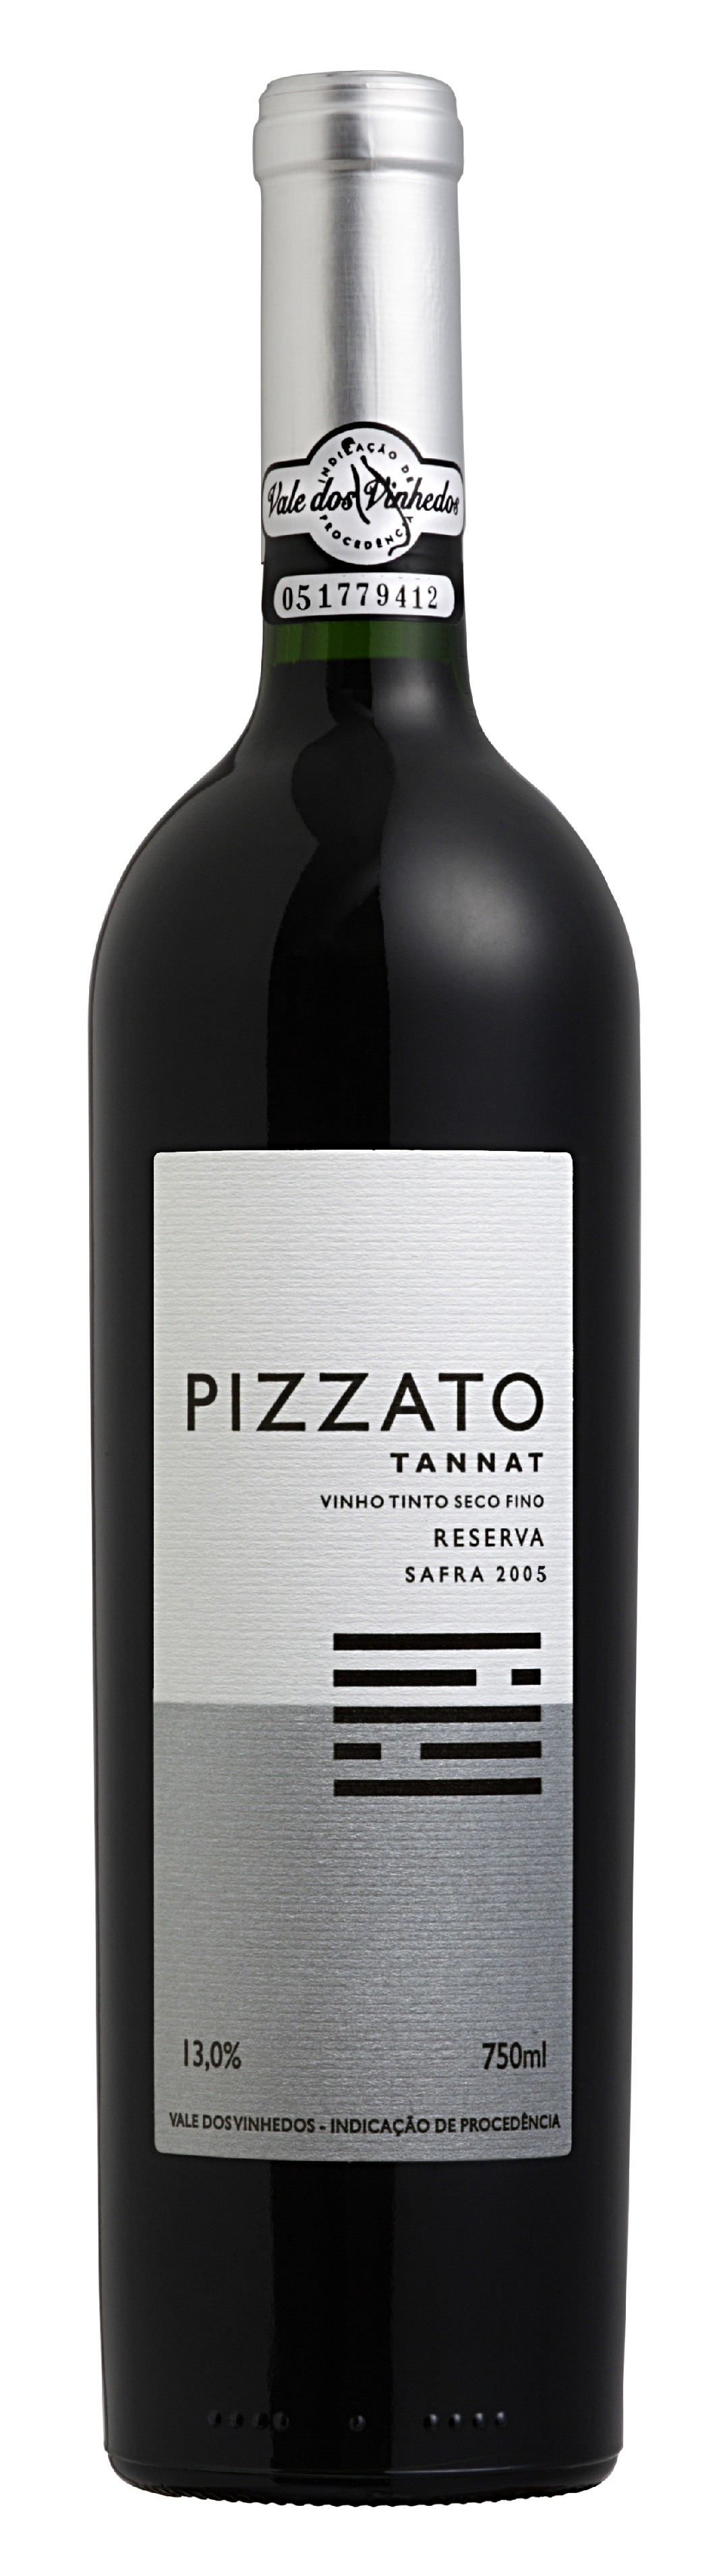 Pizatto Tannat Reserva 2005